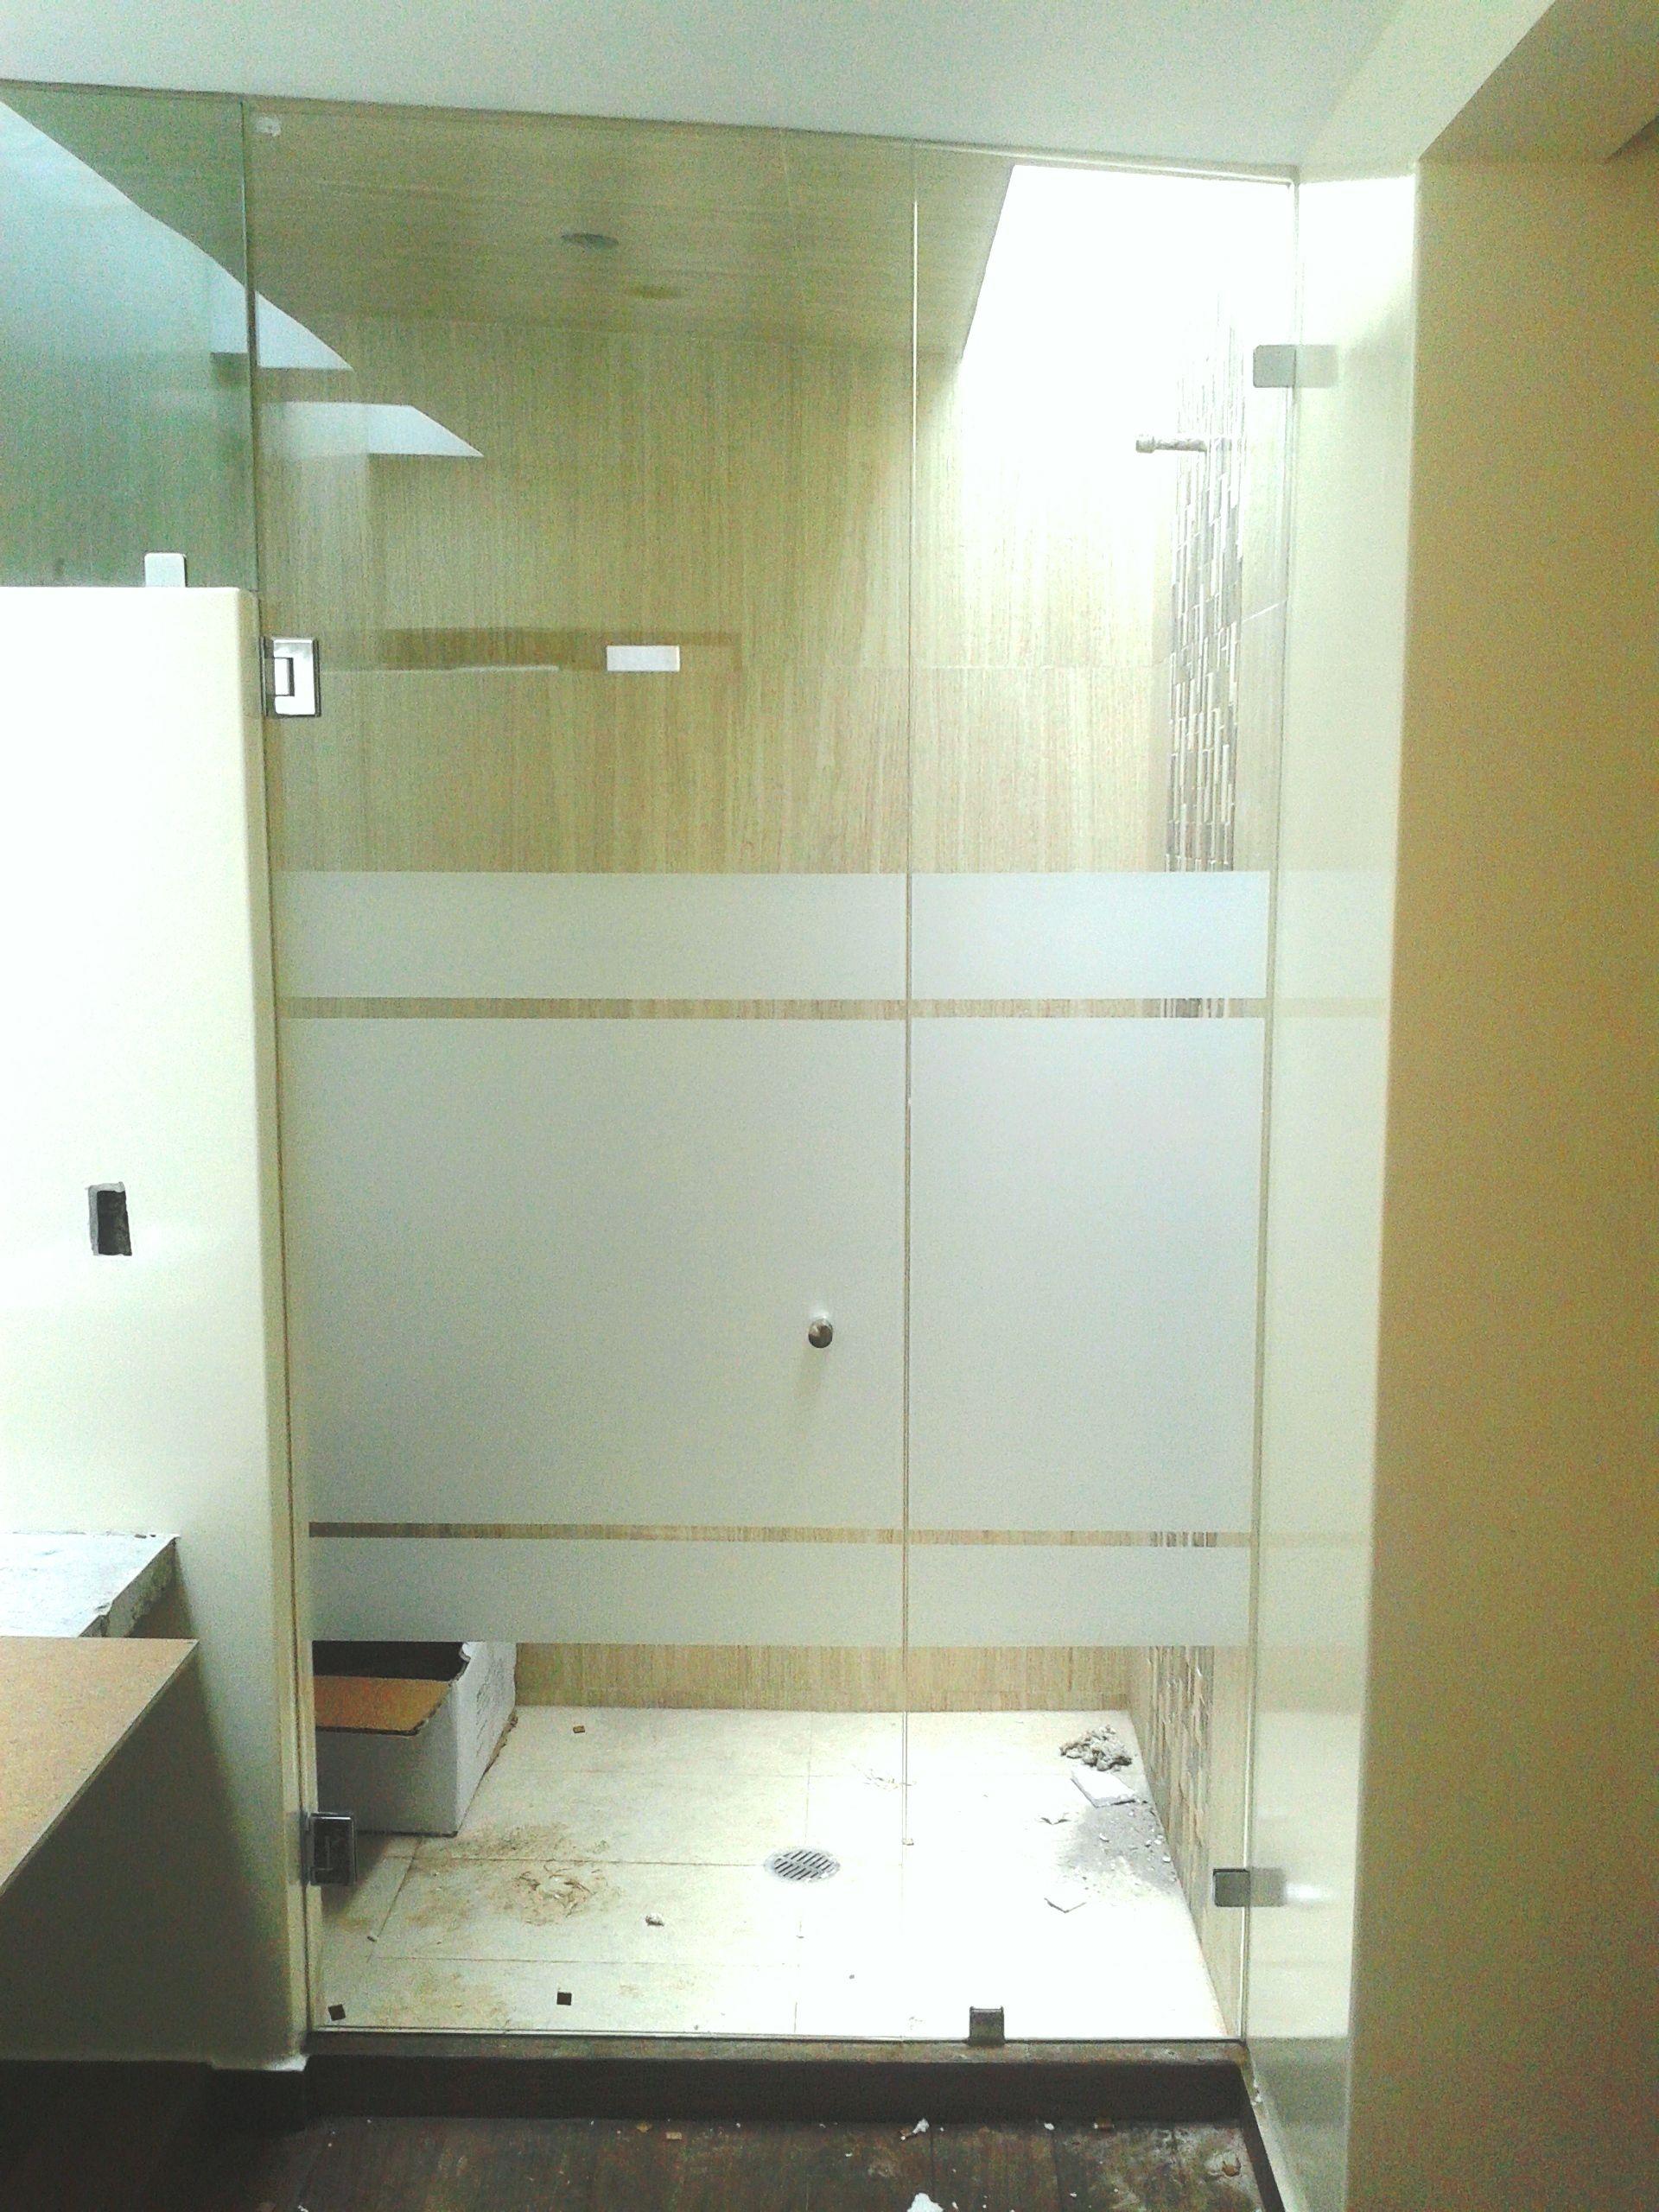 Cancel vidrio templado con esmerilado puerta shower for Puertas de cristal templado